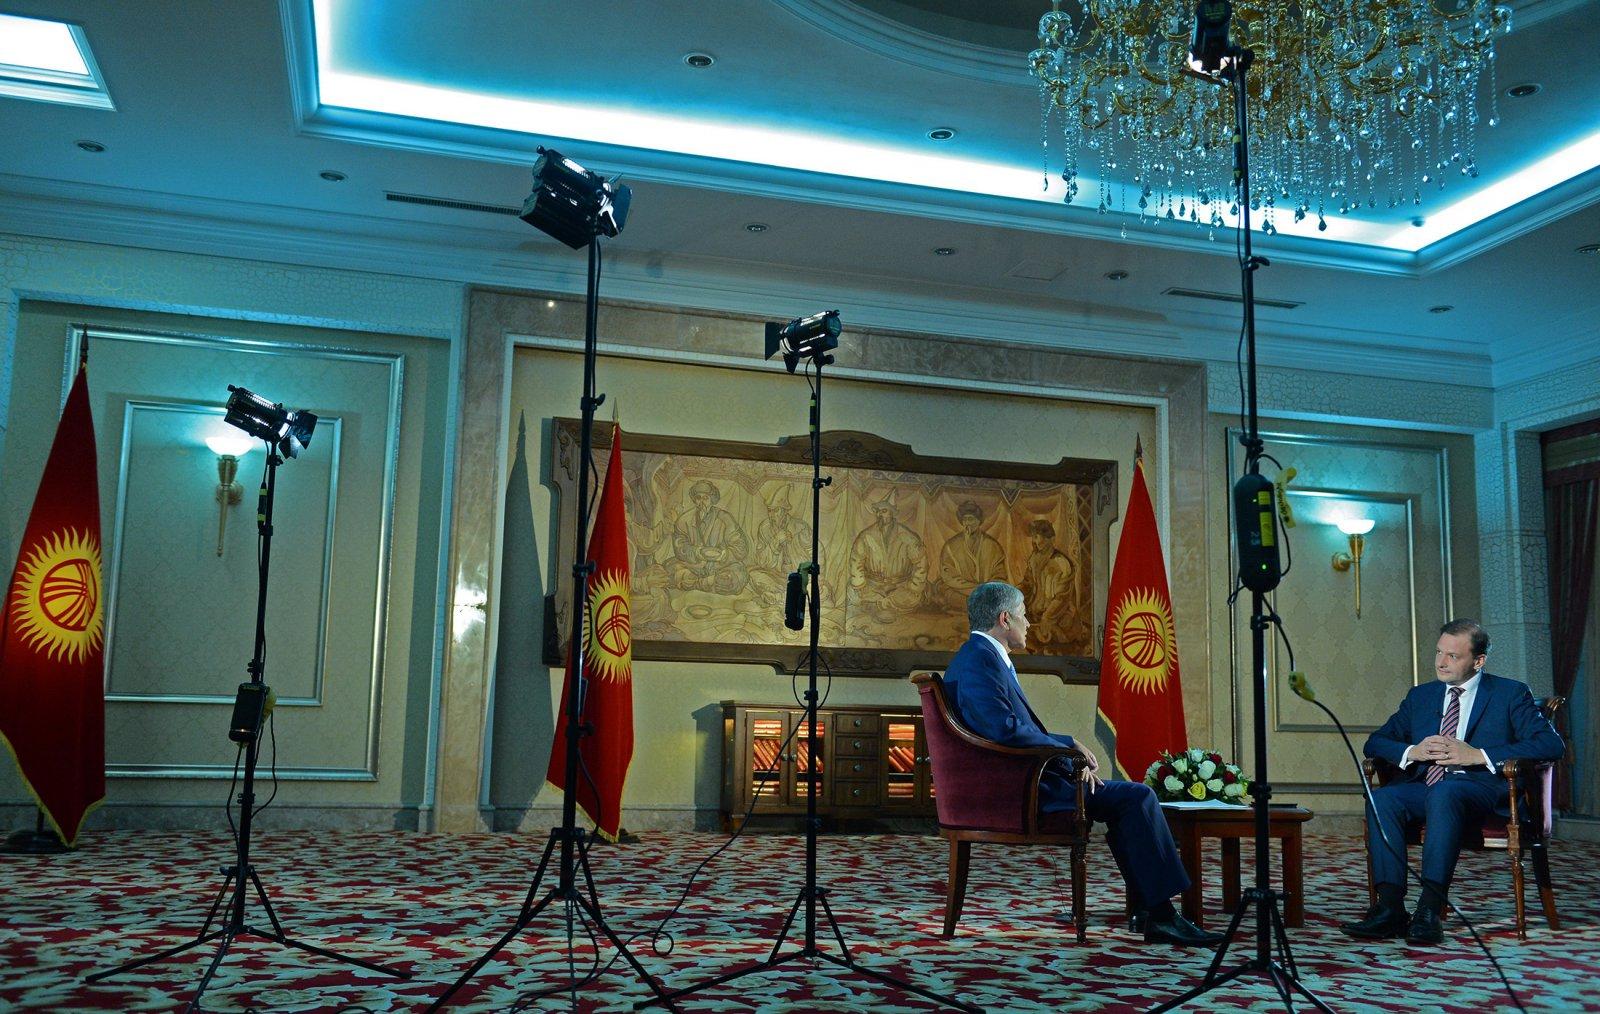 «С кыргызами нельзя силой, им надо все объяснять. Если мы сможем объяснить, что нельзя плевать на улицах, то у нас будет величайшая страна».